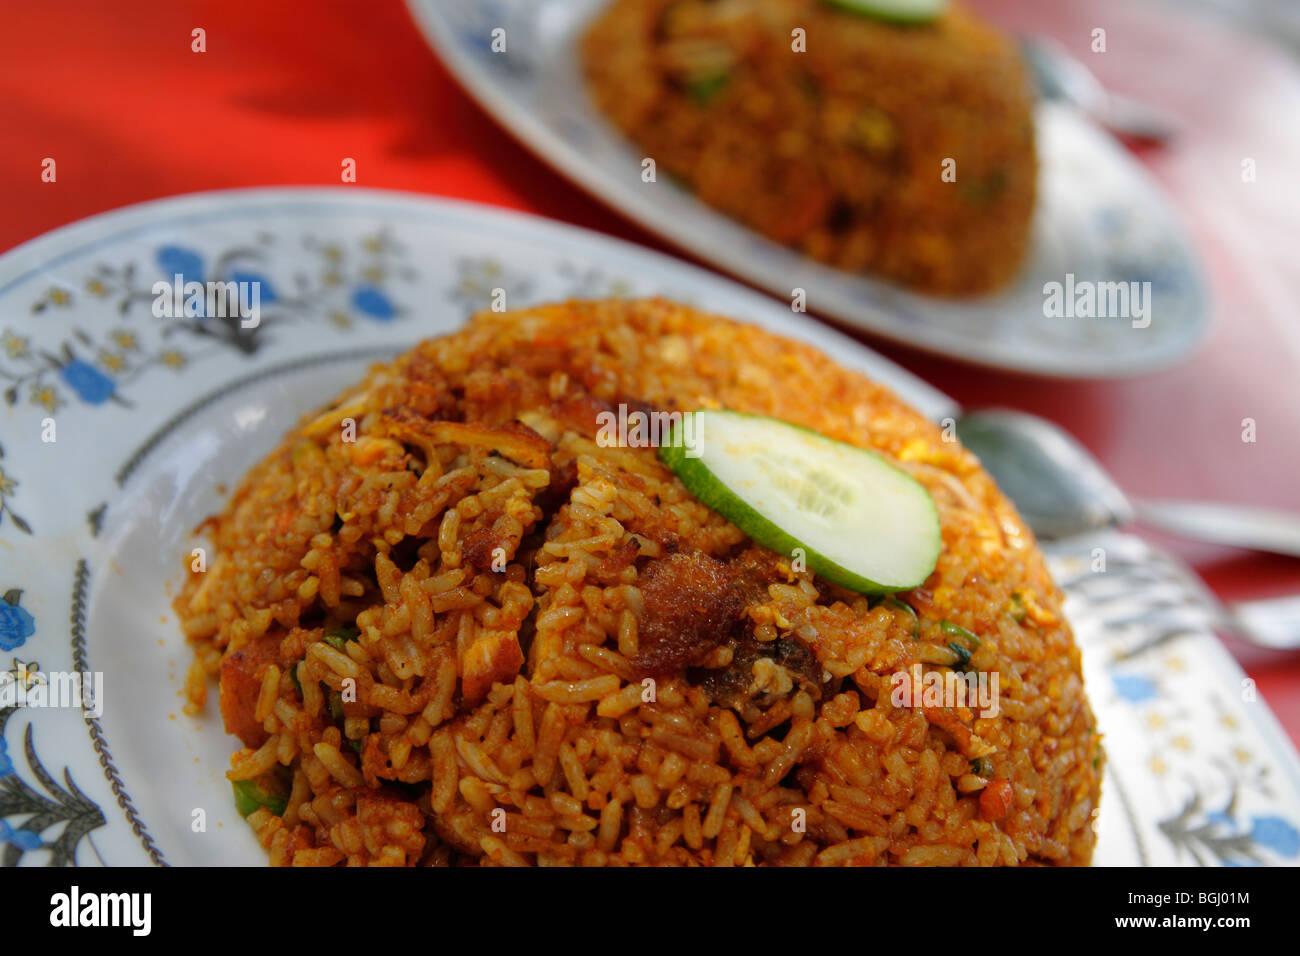 Deux plaques de riz frit avec du poulet et concombre Photo Stock